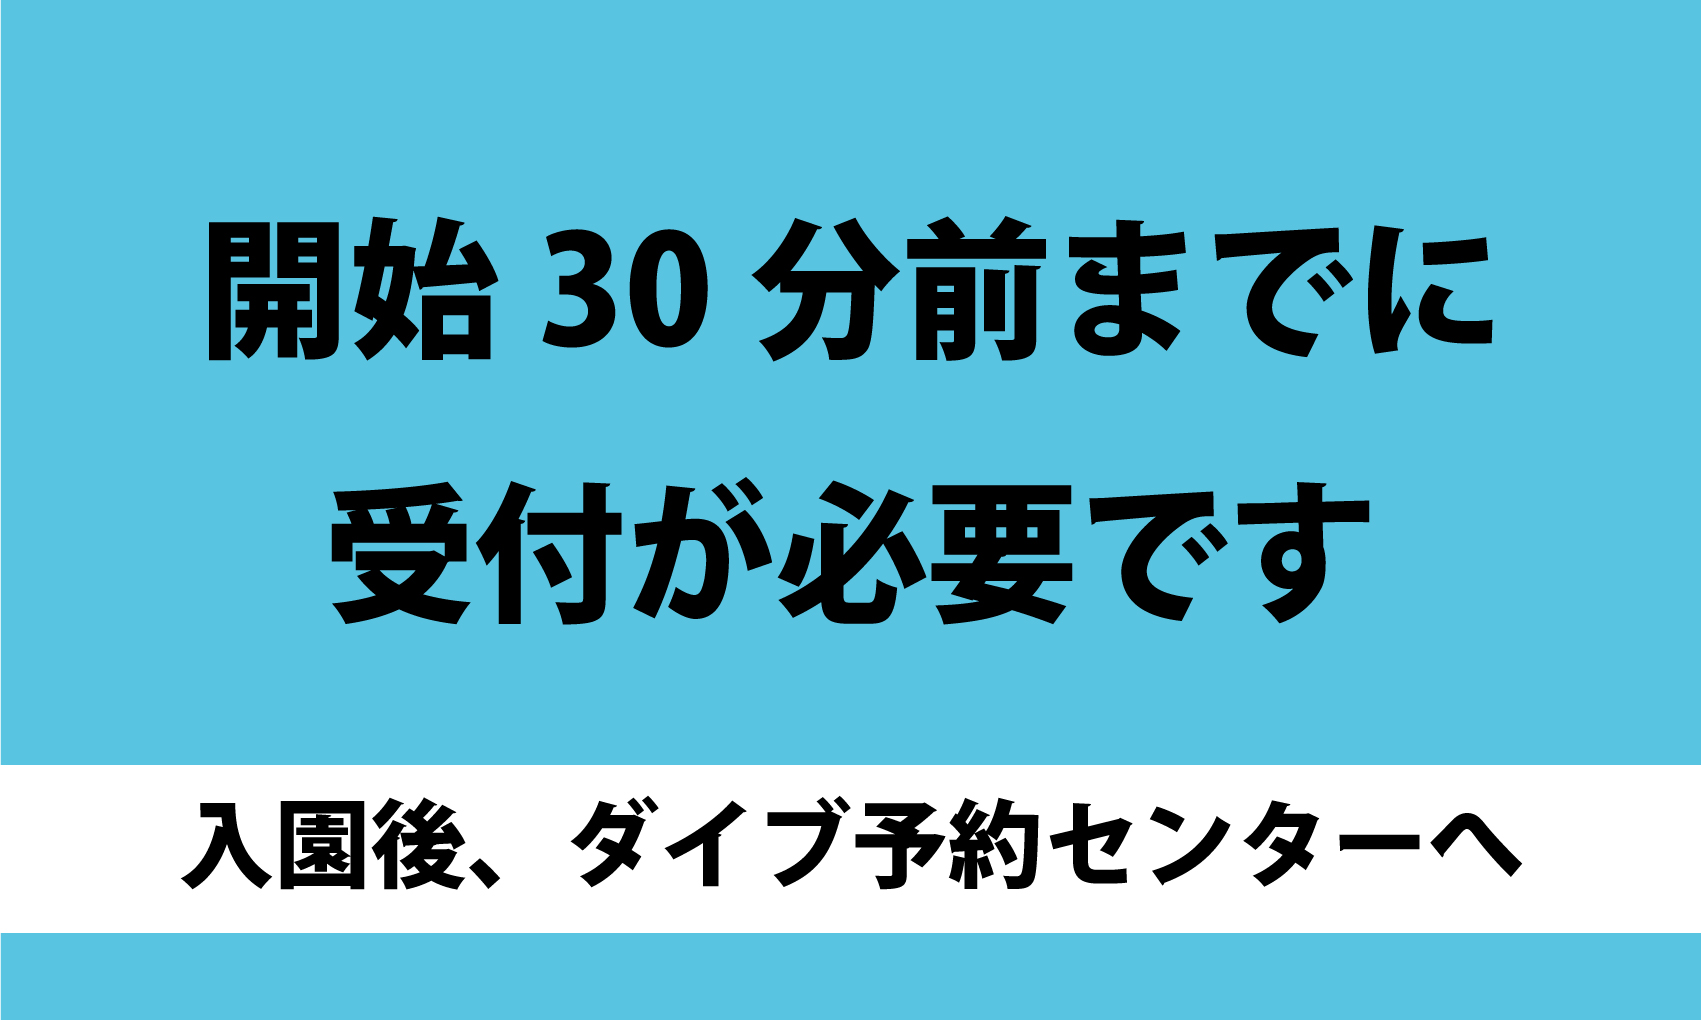 城崎マリンワールド 体験 Web 予約 (フィッシュダンス:特別ステージ体験)